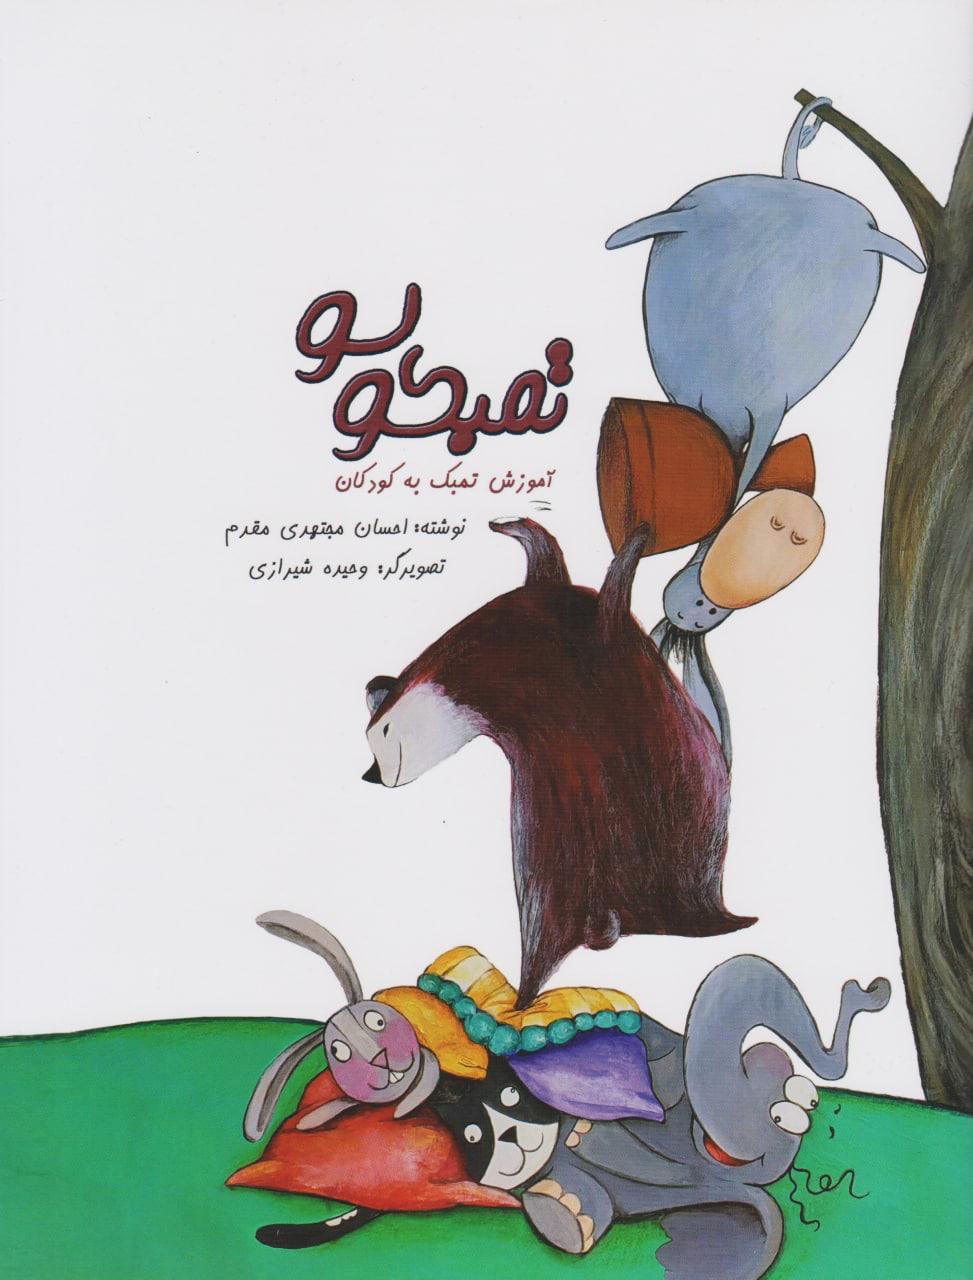 کتاب تمبکولو احسان مجتهدی مقدم انتشارات سرود